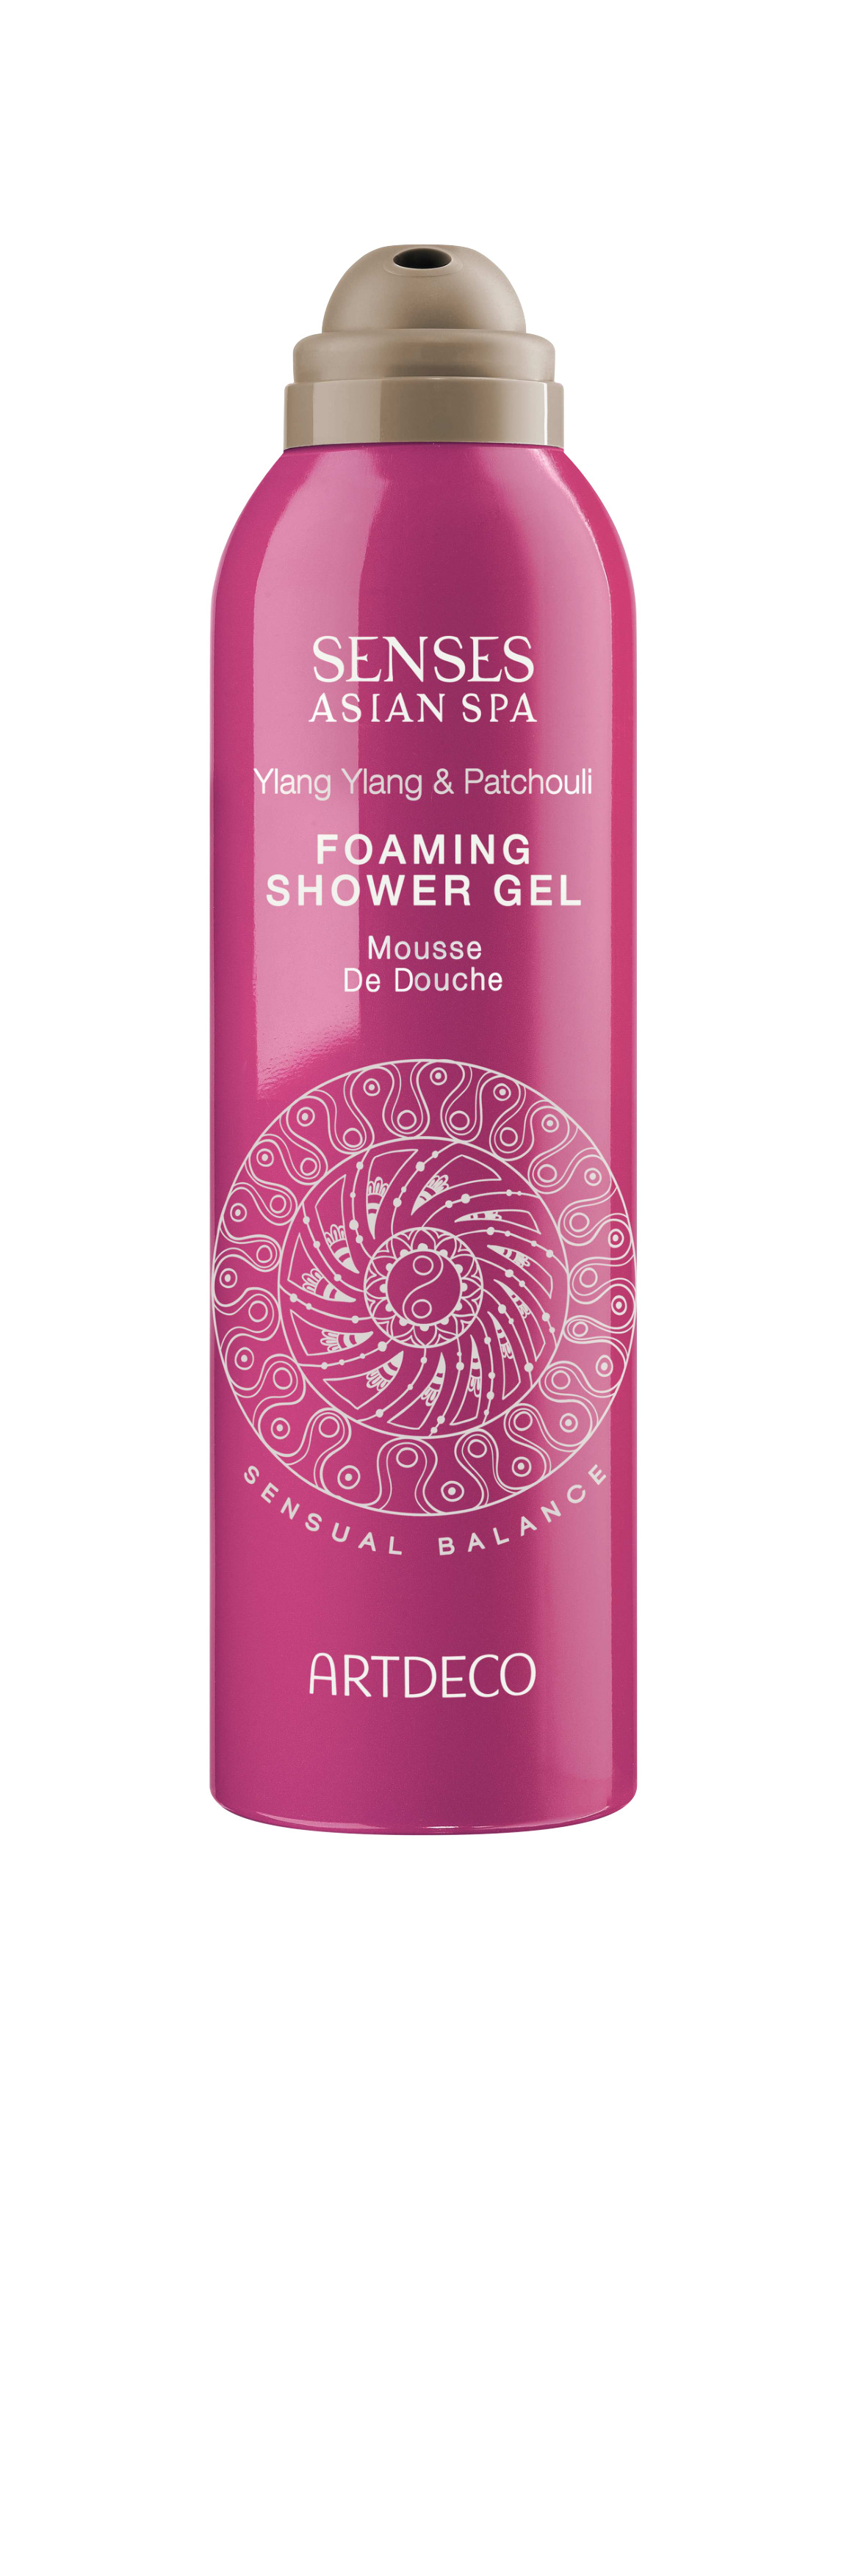 Artdeco гель-пена для душа Foaming shower gel, sensual balance, 200 млFS-00897Нежно очищает, увлажняет, питает и восстанавливает кожуПри контакте с водой превращается в воздушную пену